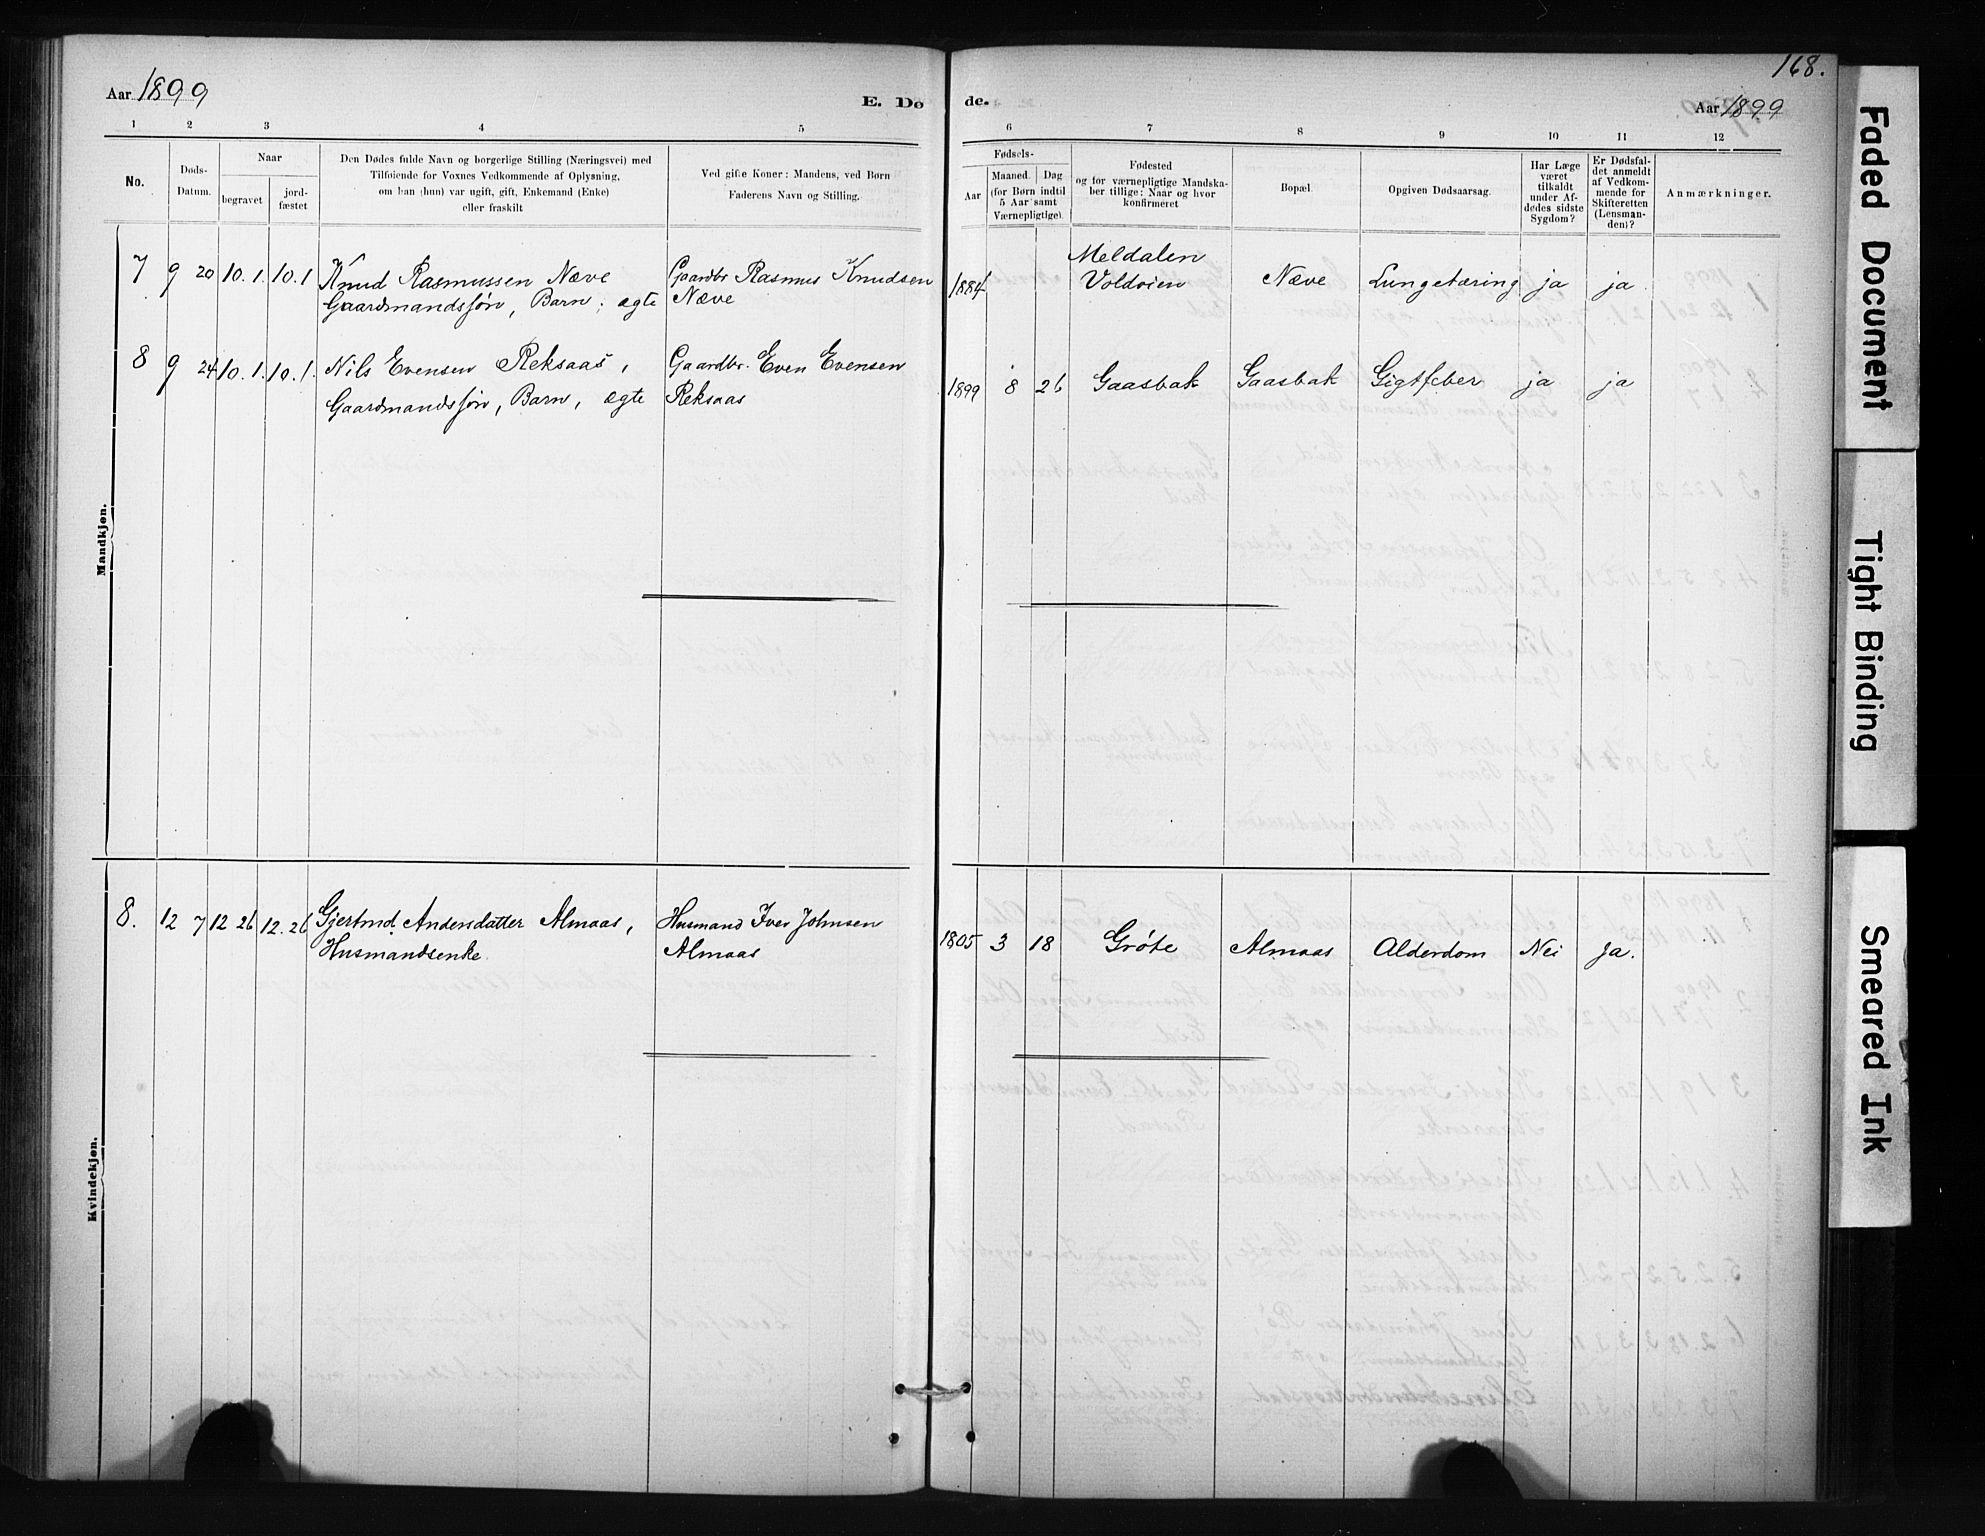 SAT, Ministerialprotokoller, klokkerbøker og fødselsregistre - Sør-Trøndelag, 694/L1127: Ministerialbok nr. 694A01, 1887-1905, s. 168